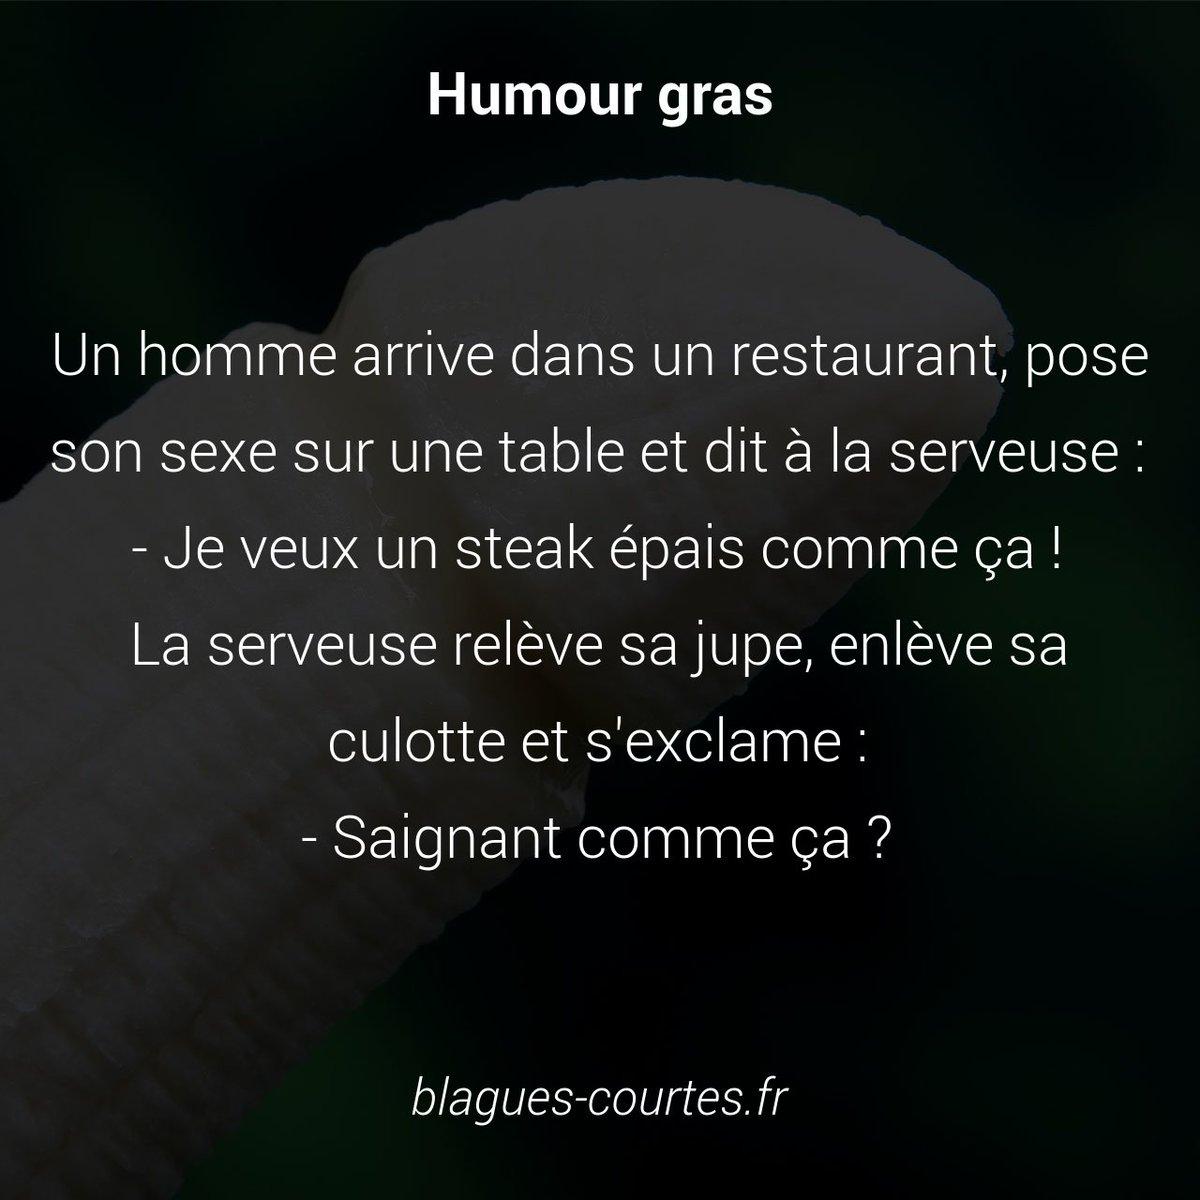 Blagues Courtes Ar Twitter Blague Le Sexe Sur La Table Https